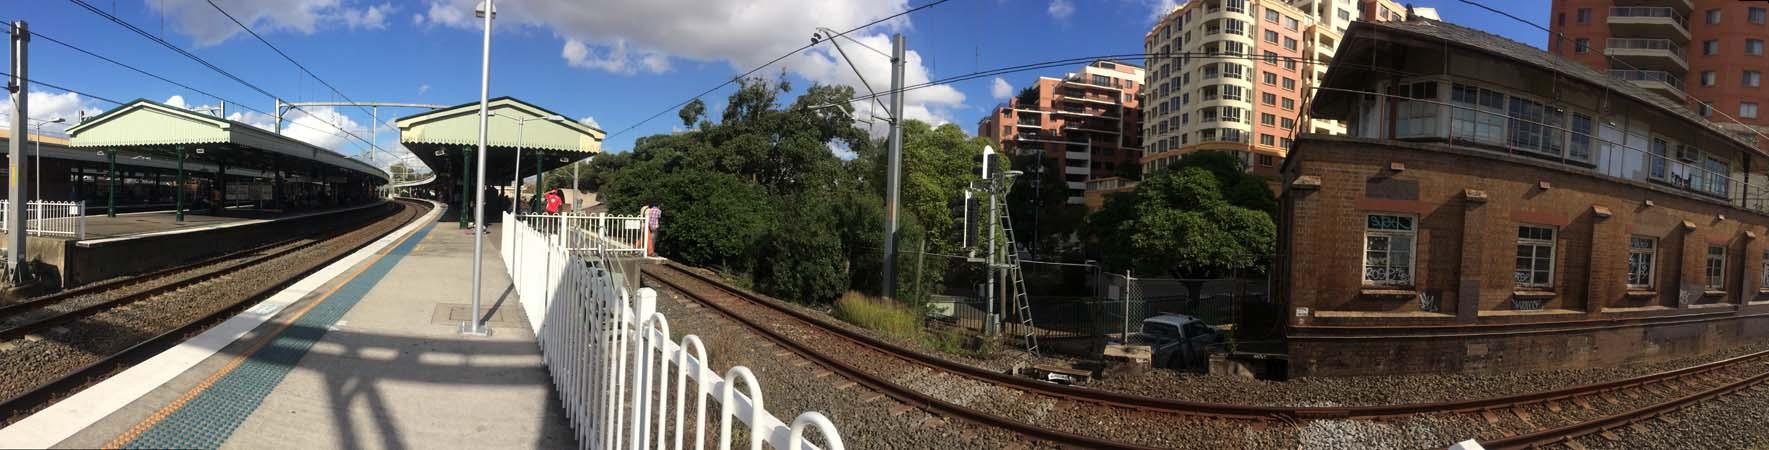 04 Sydney Railway Track Wide Shot Rail in Sydney Railways